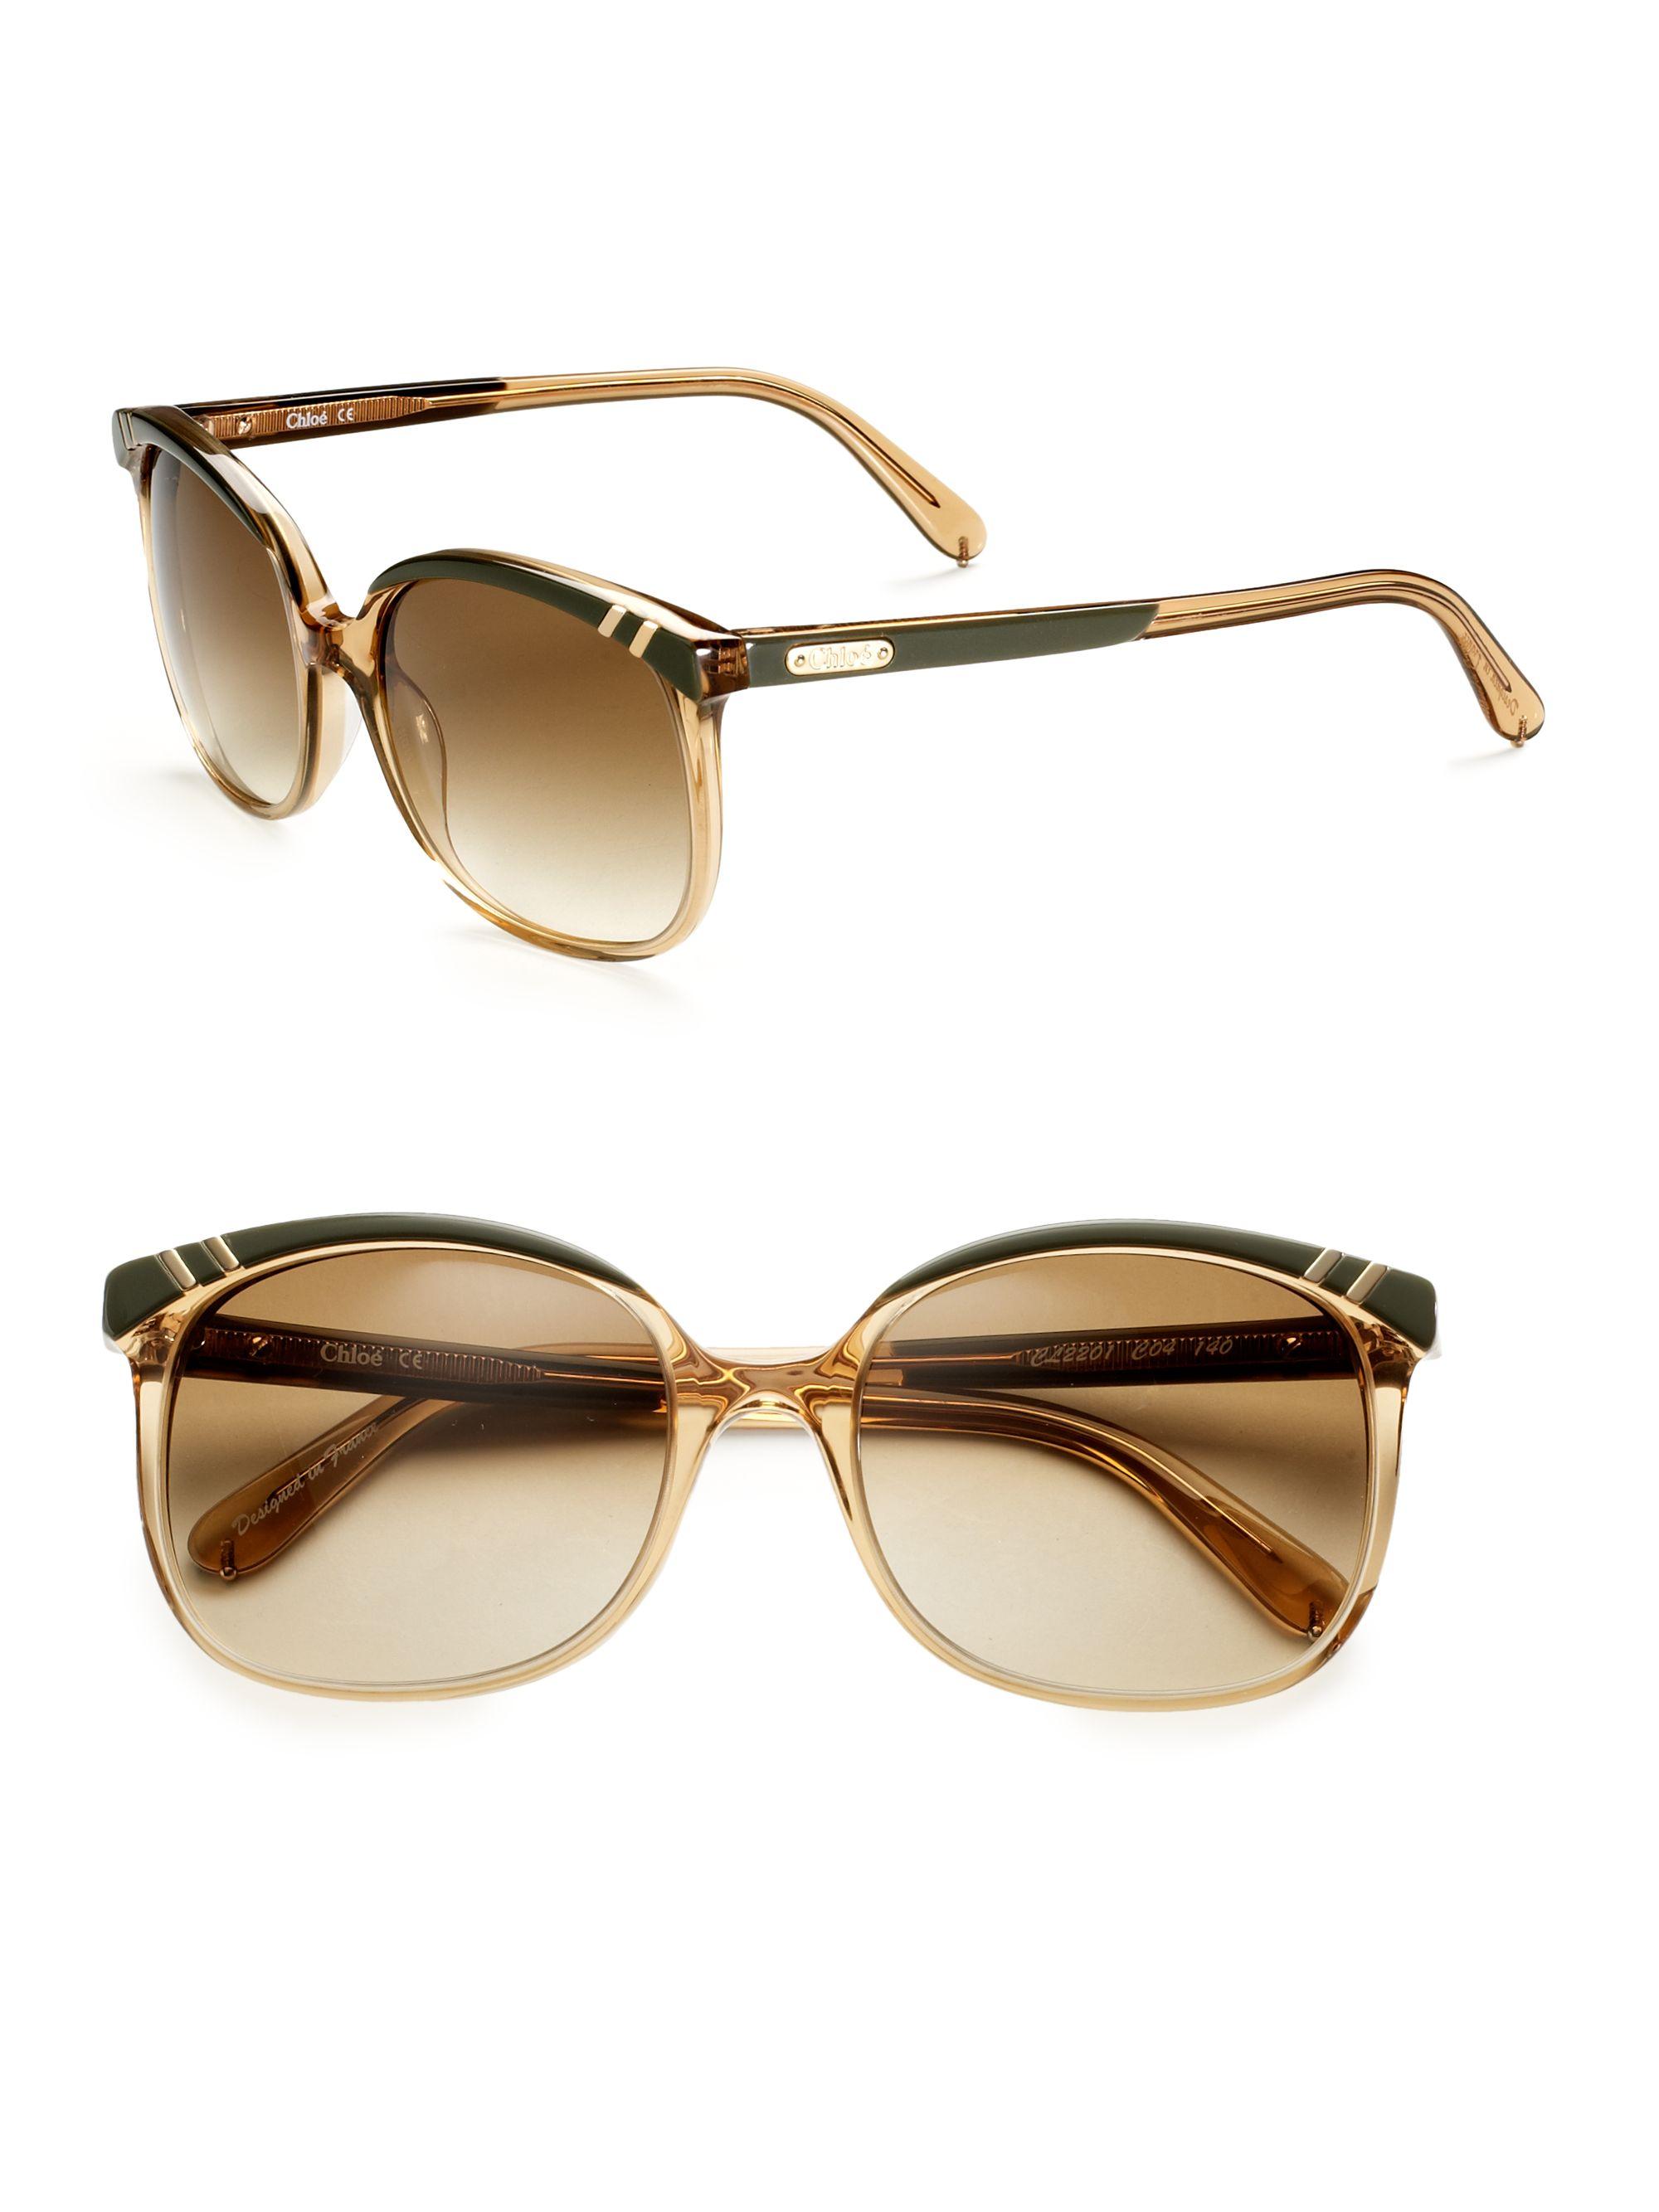 5d1e5210fb Acetate Chloe Eyeglasses